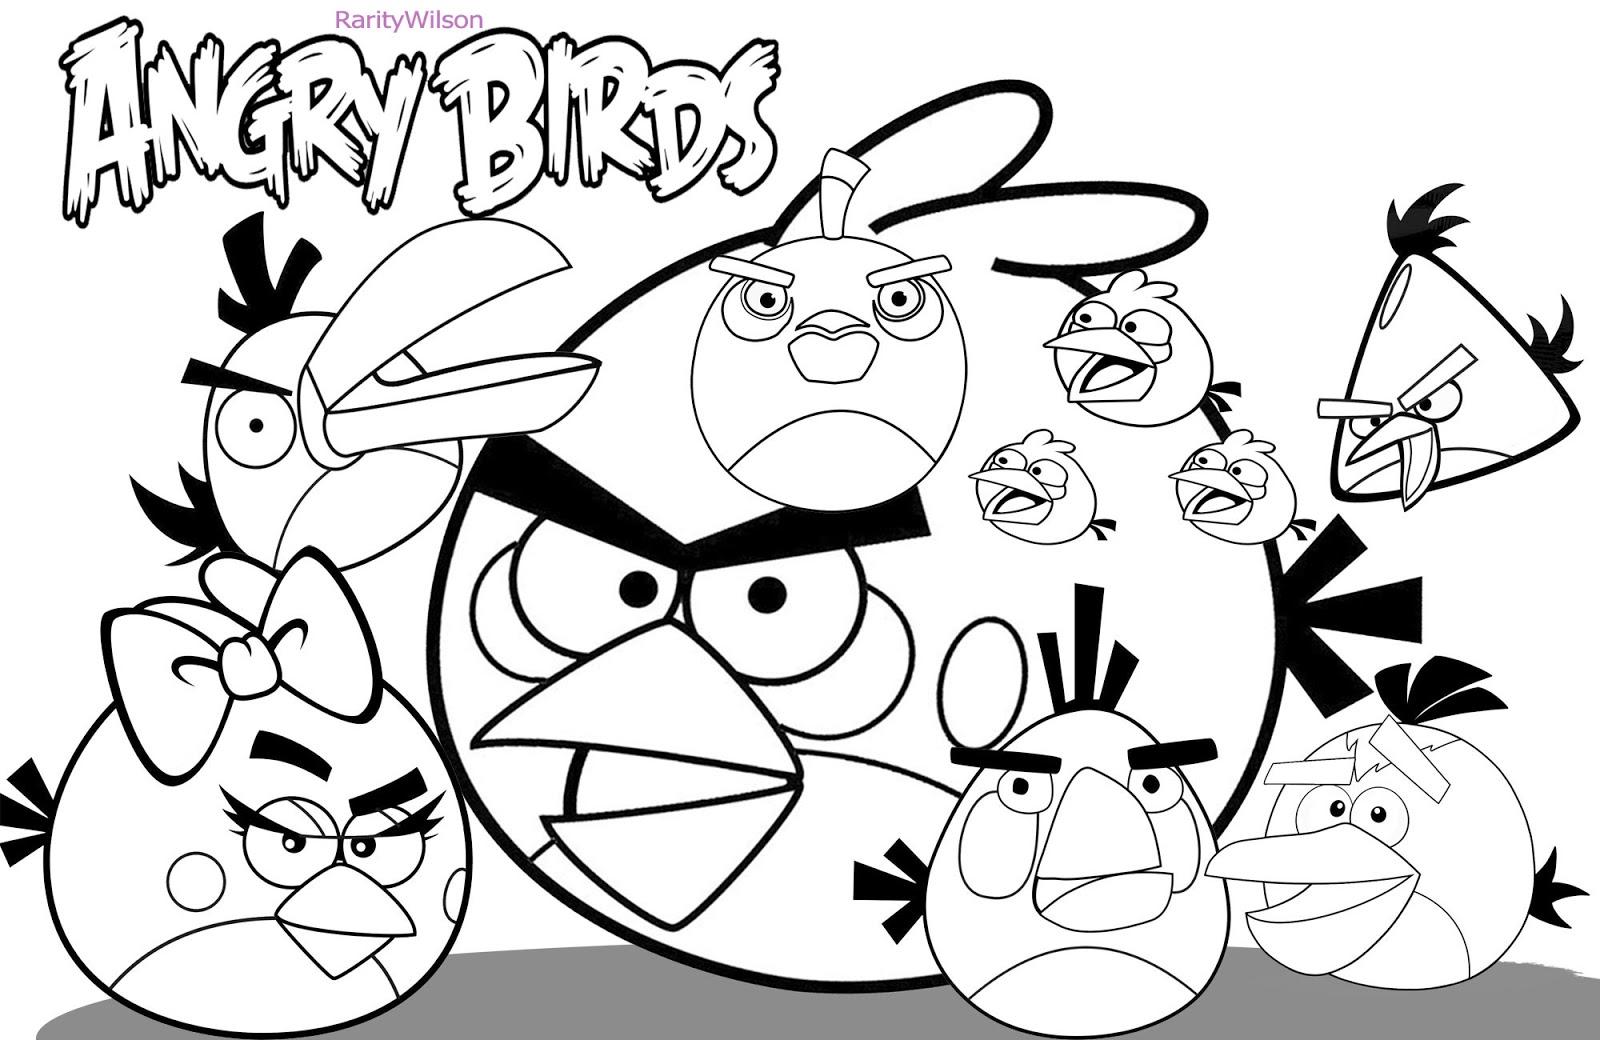 Dessin de angry birds à imprimer